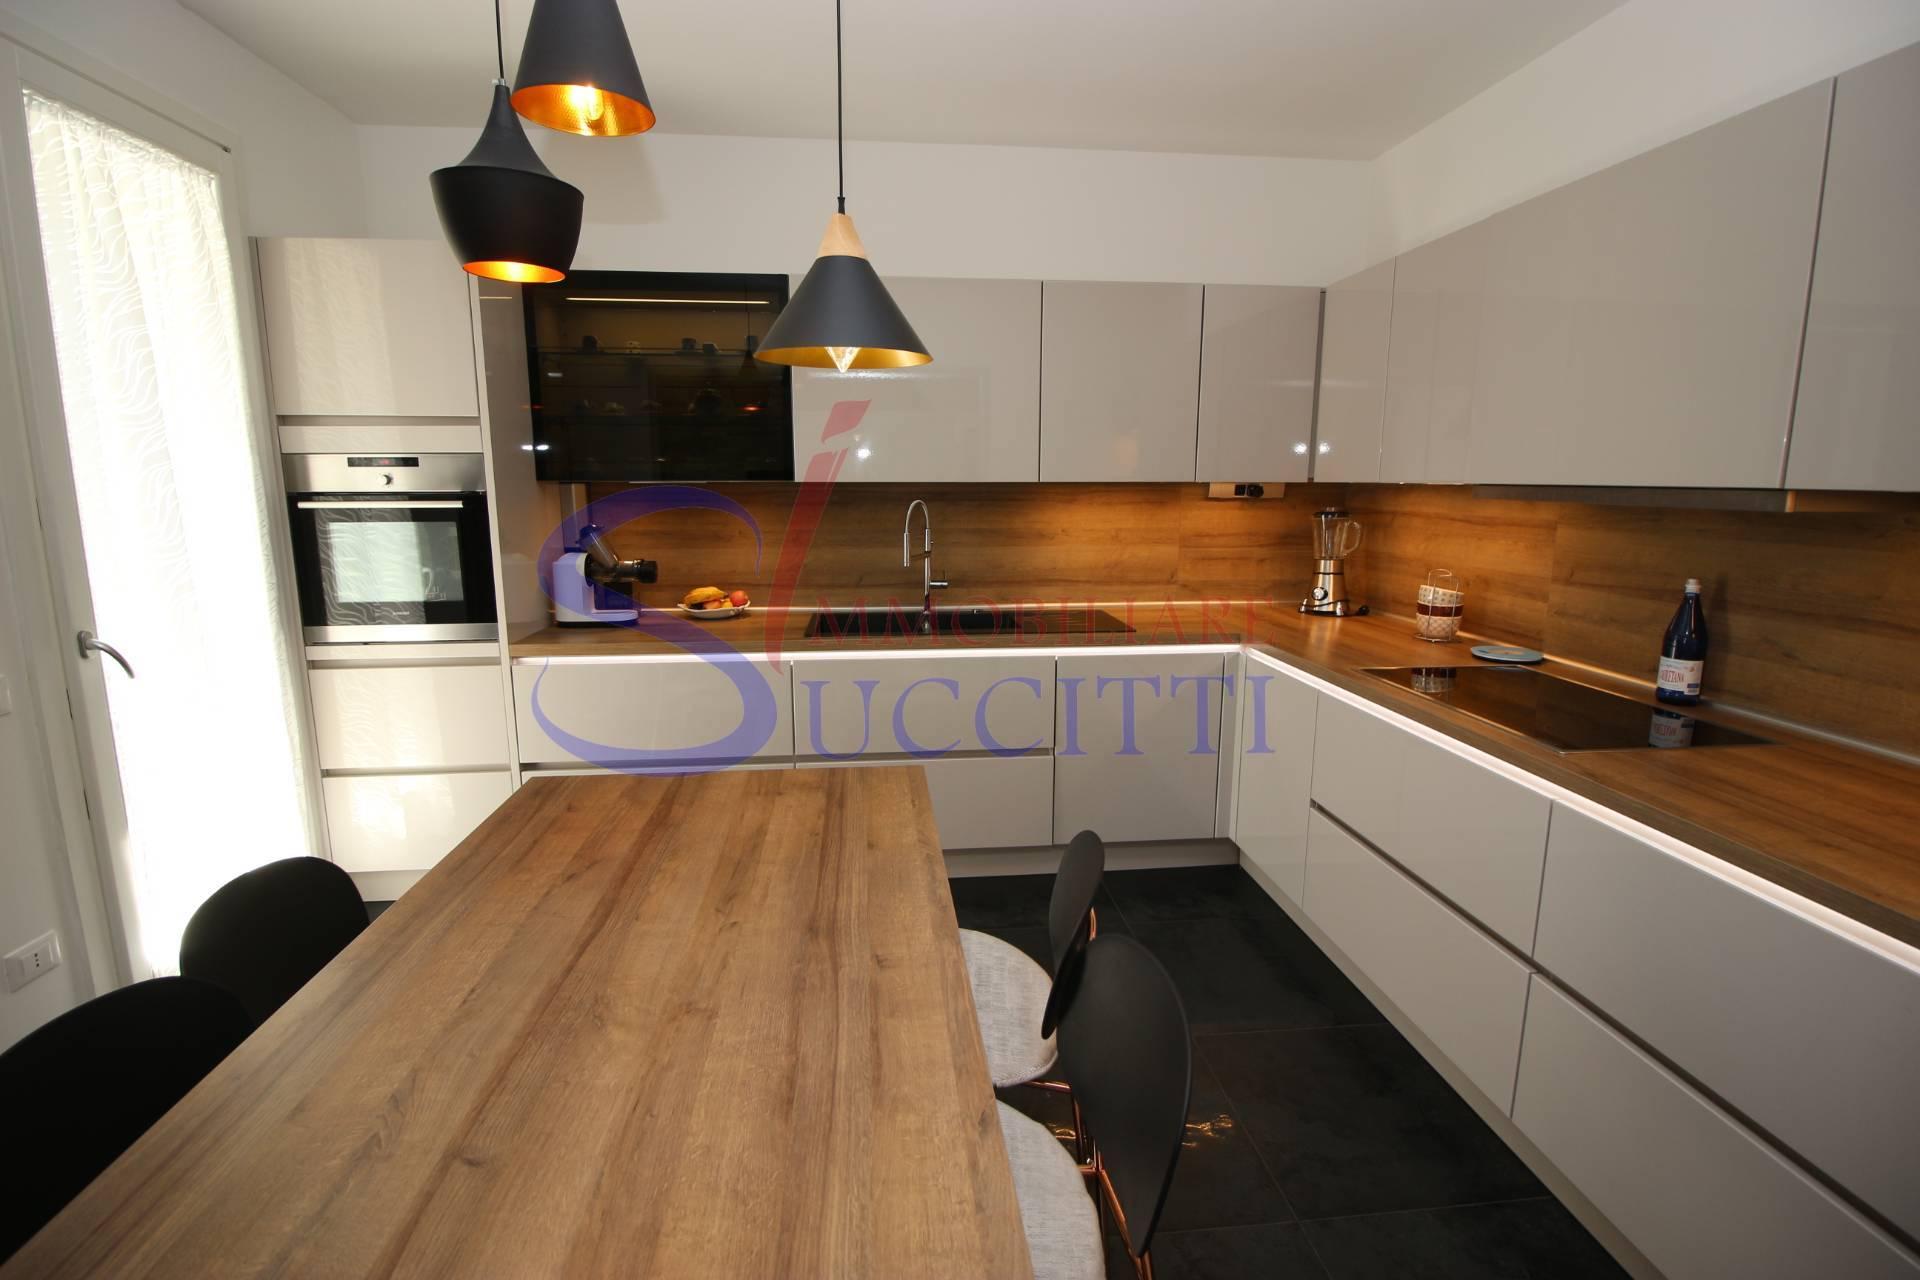 Appartamento in vendita a Tortoreto, 5 locali, zona Località: TortoretoLido, prezzo € 299.000 | CambioCasa.it